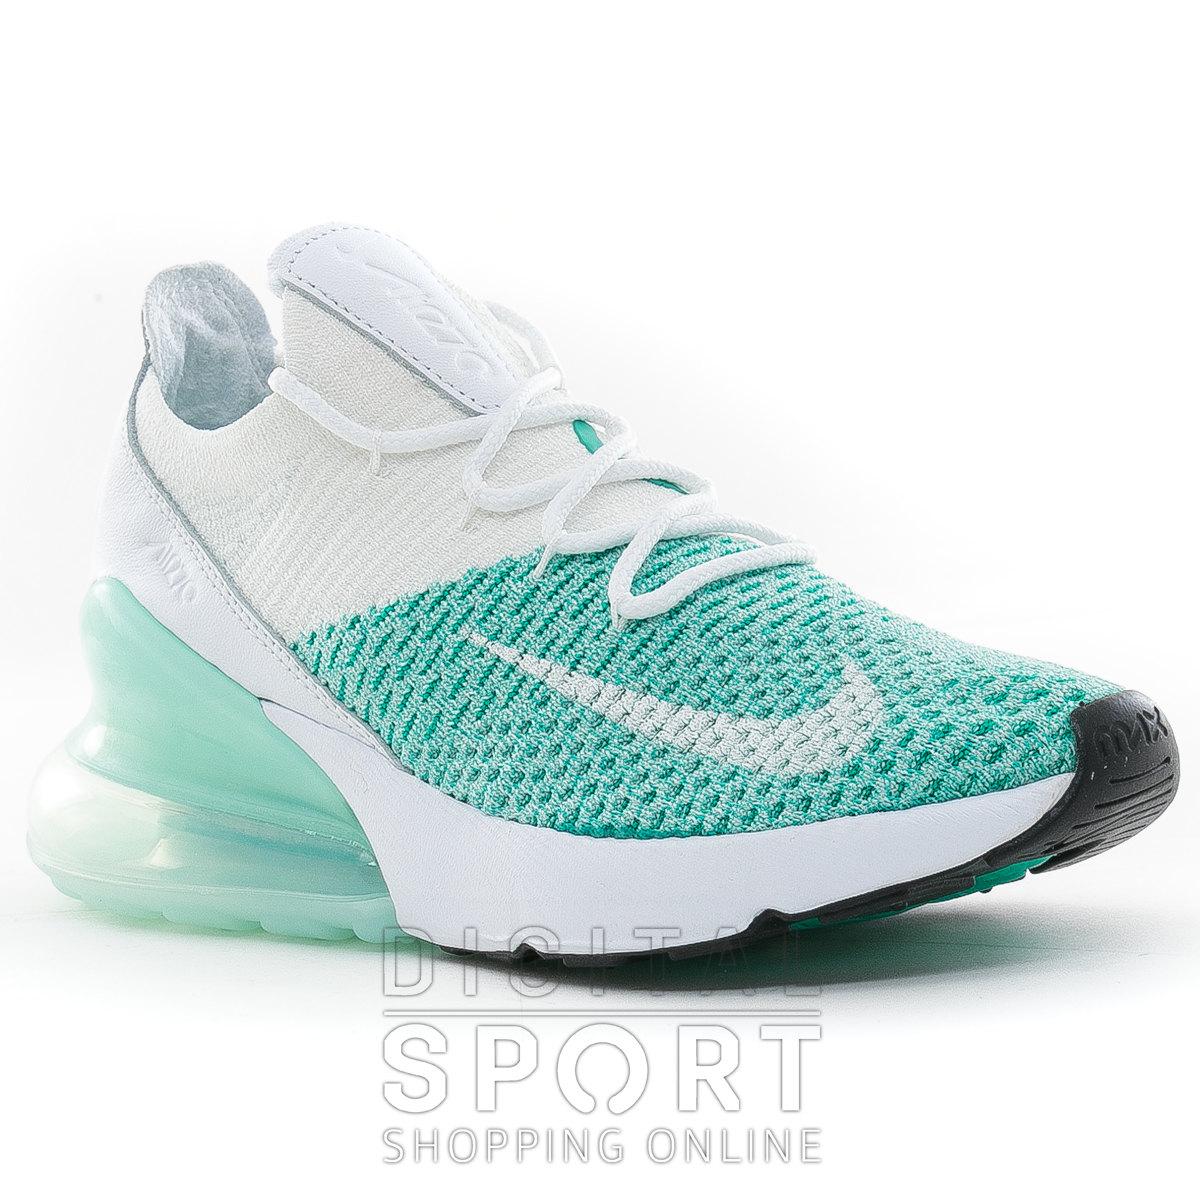 zapatillas nike air max 270 plateado blanco verde br6ba70b2